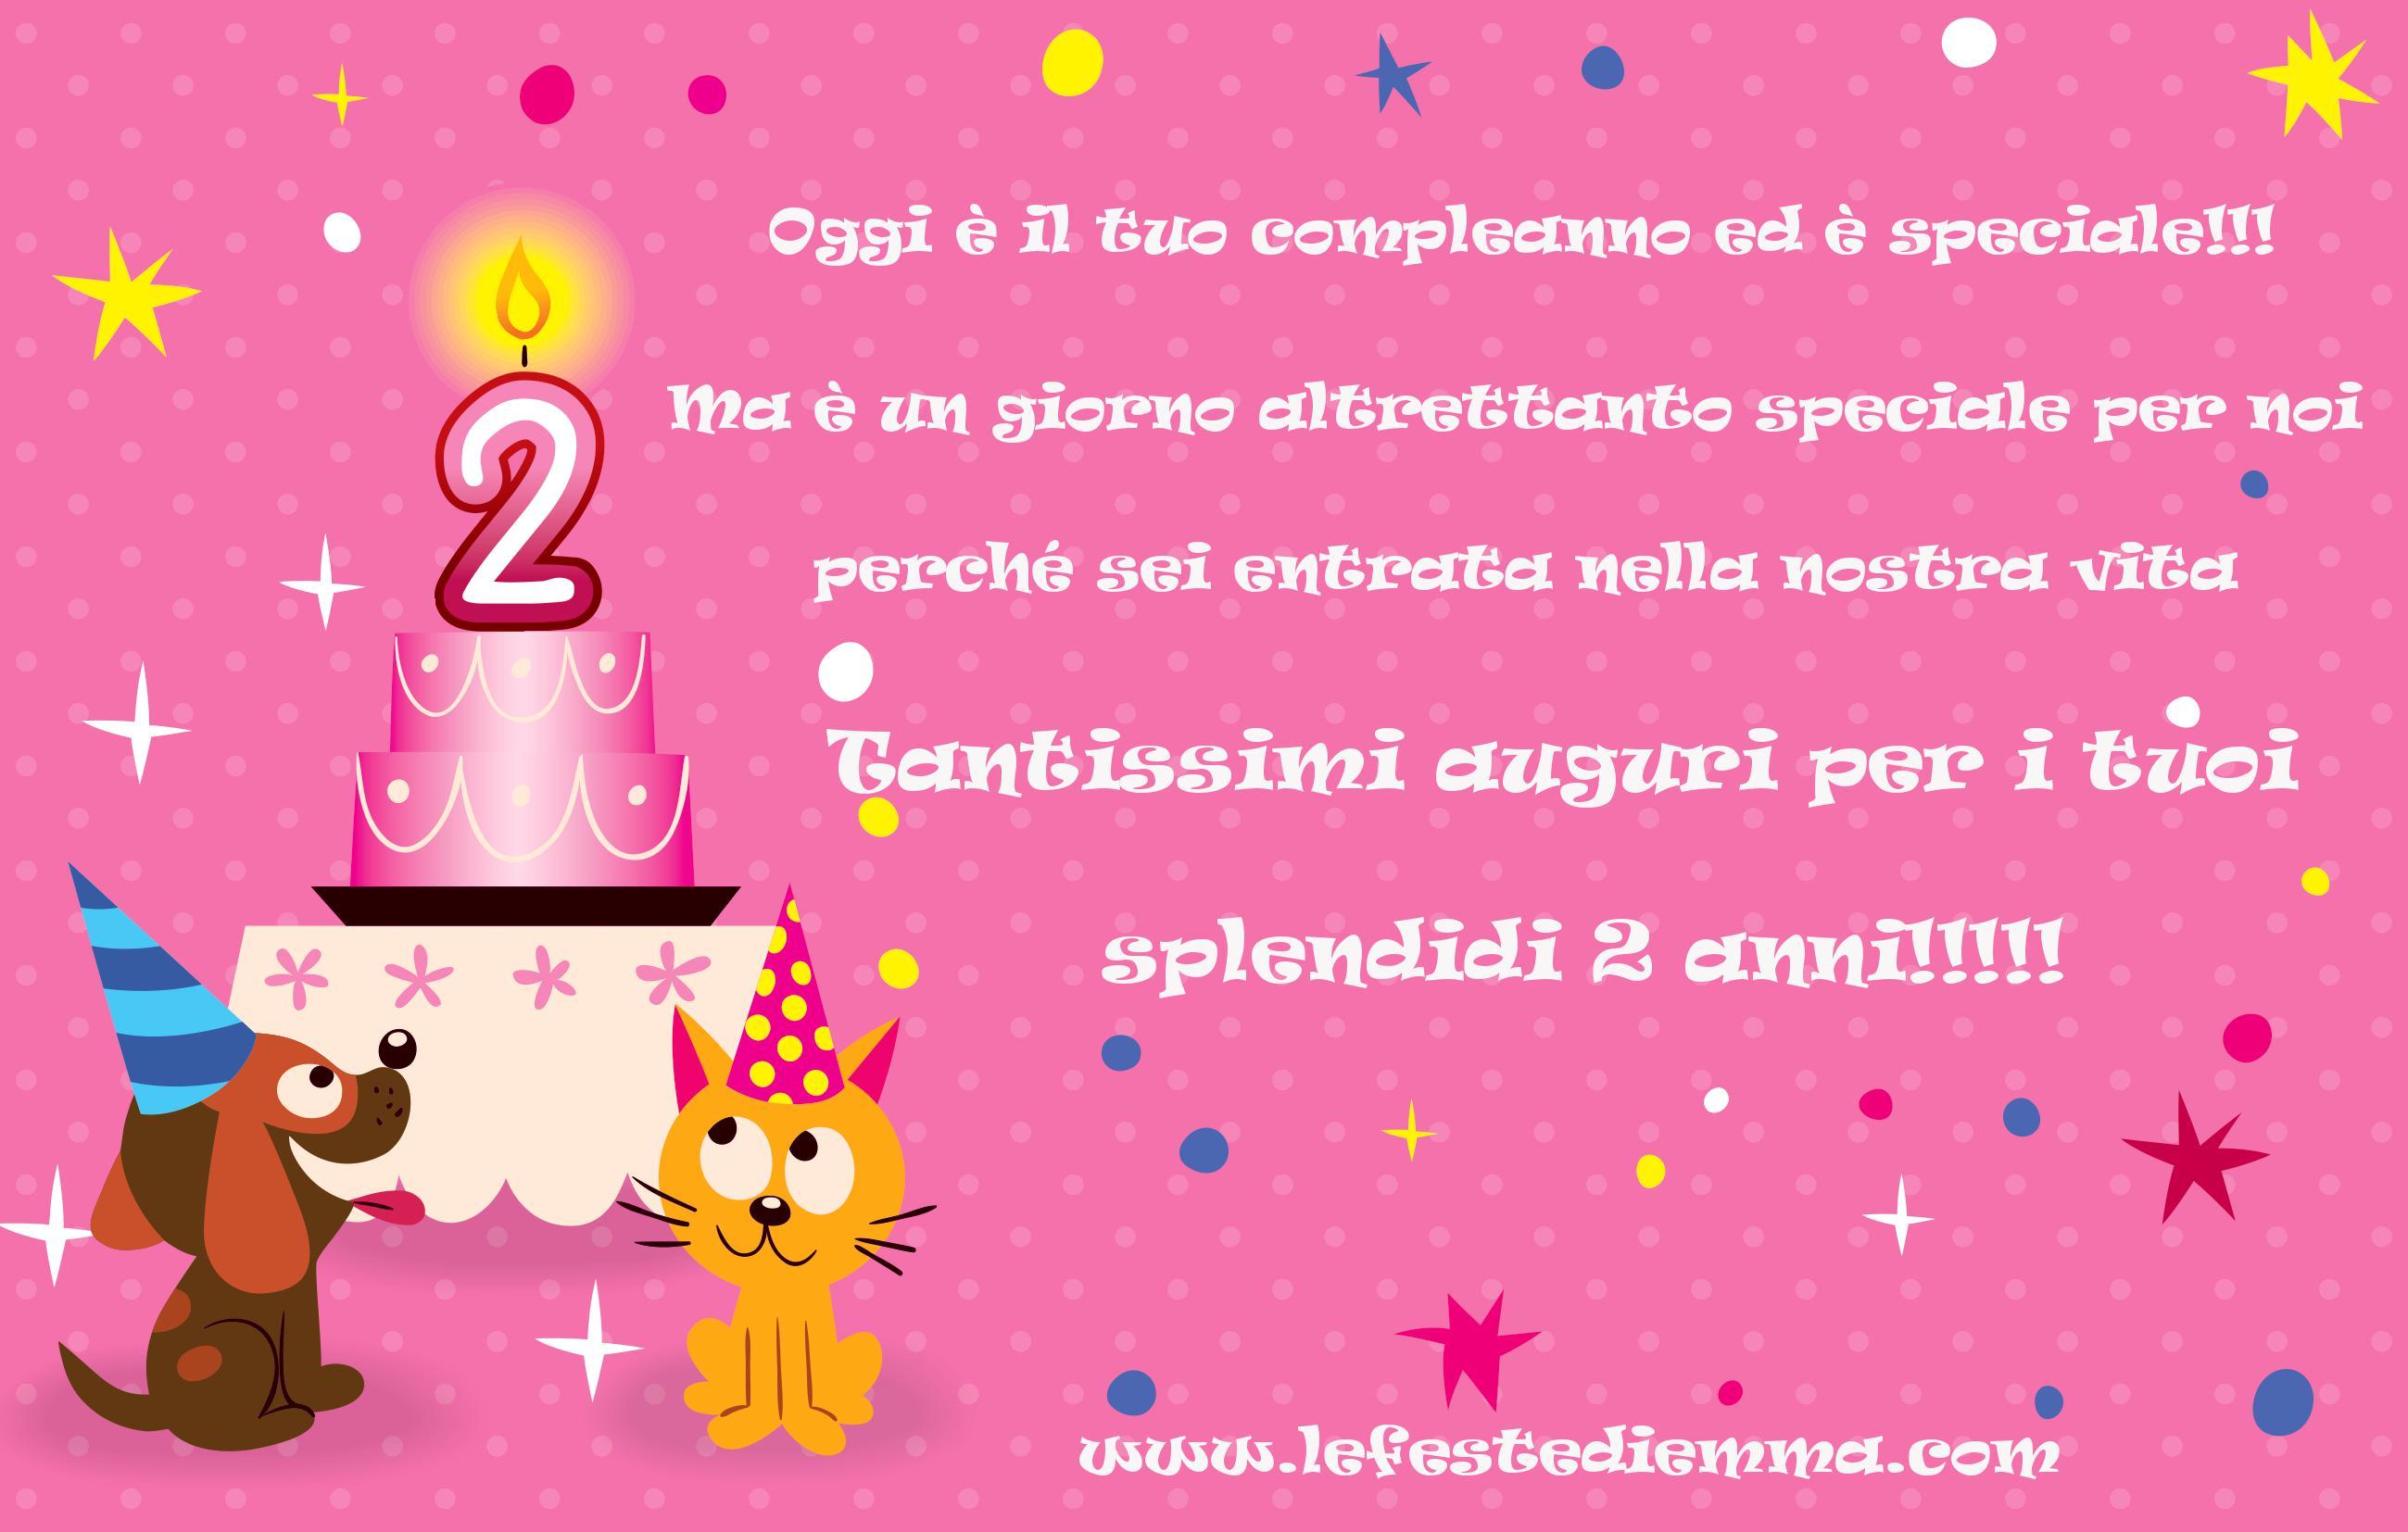 Auguri Di Buon Compleanno Whatsapp Frasi Di Buon Compleanno